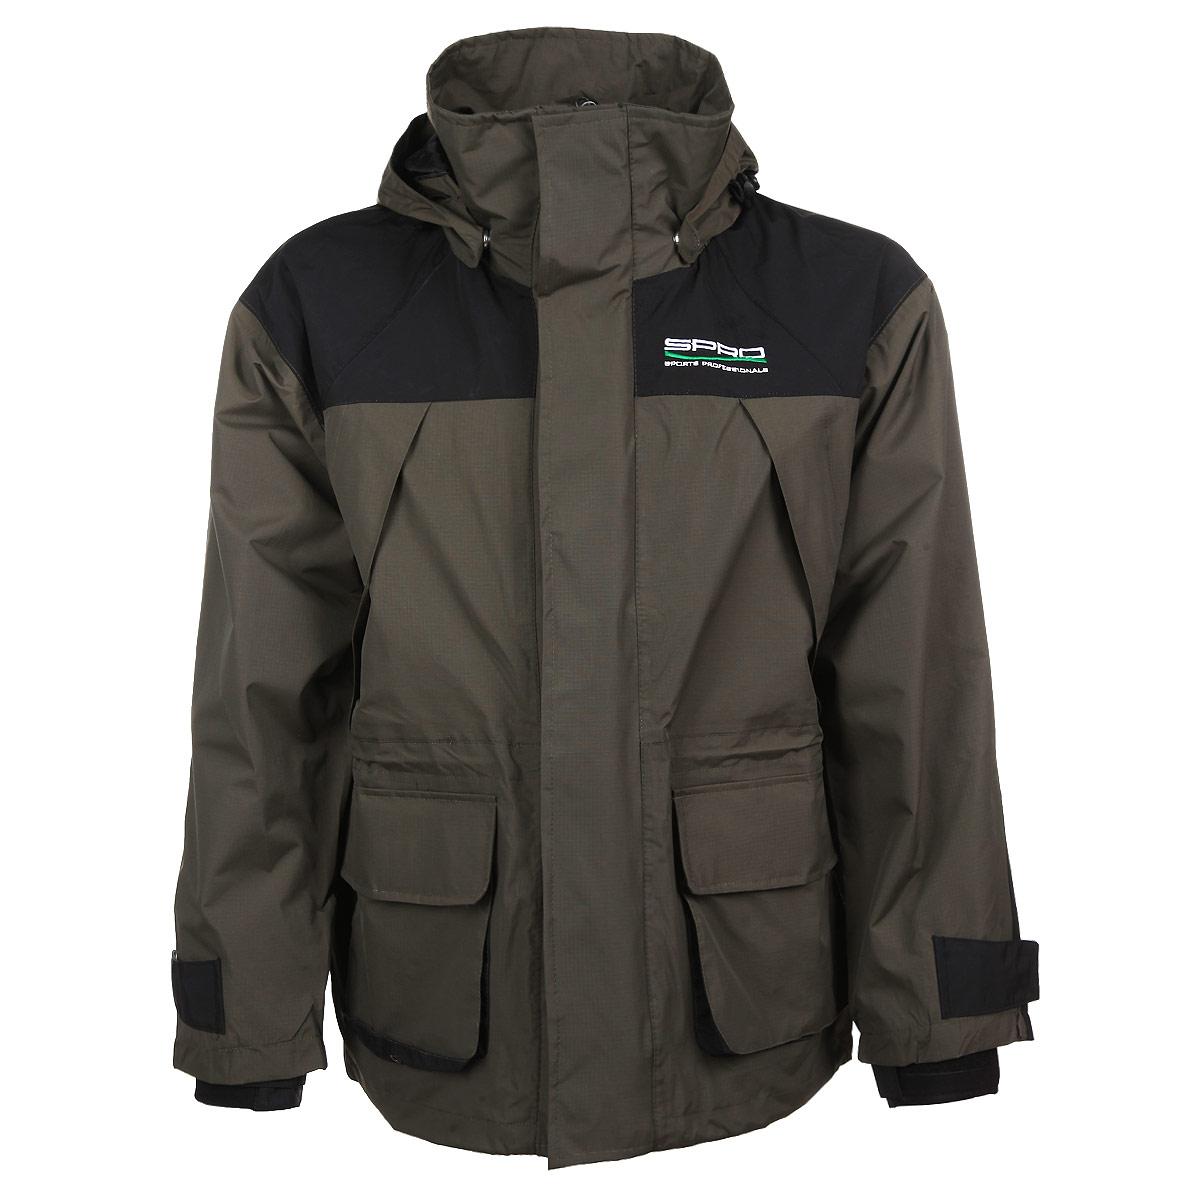 0044112Мужская куртка SPRO - идеальный вариант для рыбалки. Куртка выполнена из плотной ветро-влагозащитной ткани на сетчатой подкладке. Куртка с воротником-стойкой и капюшоном застегивается на пластиковую застежку-молнию и дополнительно на ветрозащитный клапан на липучках. Капюшон крепится к куртке при помощи кнопок и дополнен скрытой резинкой на стопперах. При необходимости капюшон можно отстегнуть. Спереди модель дополнена двумя вместительными накладными карманами с клапанами на липучка и двумя скрытыми нагрудными карманами на молниях. На внутренней стороне - два потайных кармана на молниях. Куртка имеет скрытую кулиску на талии. Рукава оснащены вшитыми эластичными манжетами, защищающими от продувания и регулируются при помощи хлястиков на липучках. Низ модели дополнен скрытой резинкой на стопперах. Такая куртка обеспечит вам надежную защиту, а также подарит тепло и комфорт в любой ситуации.